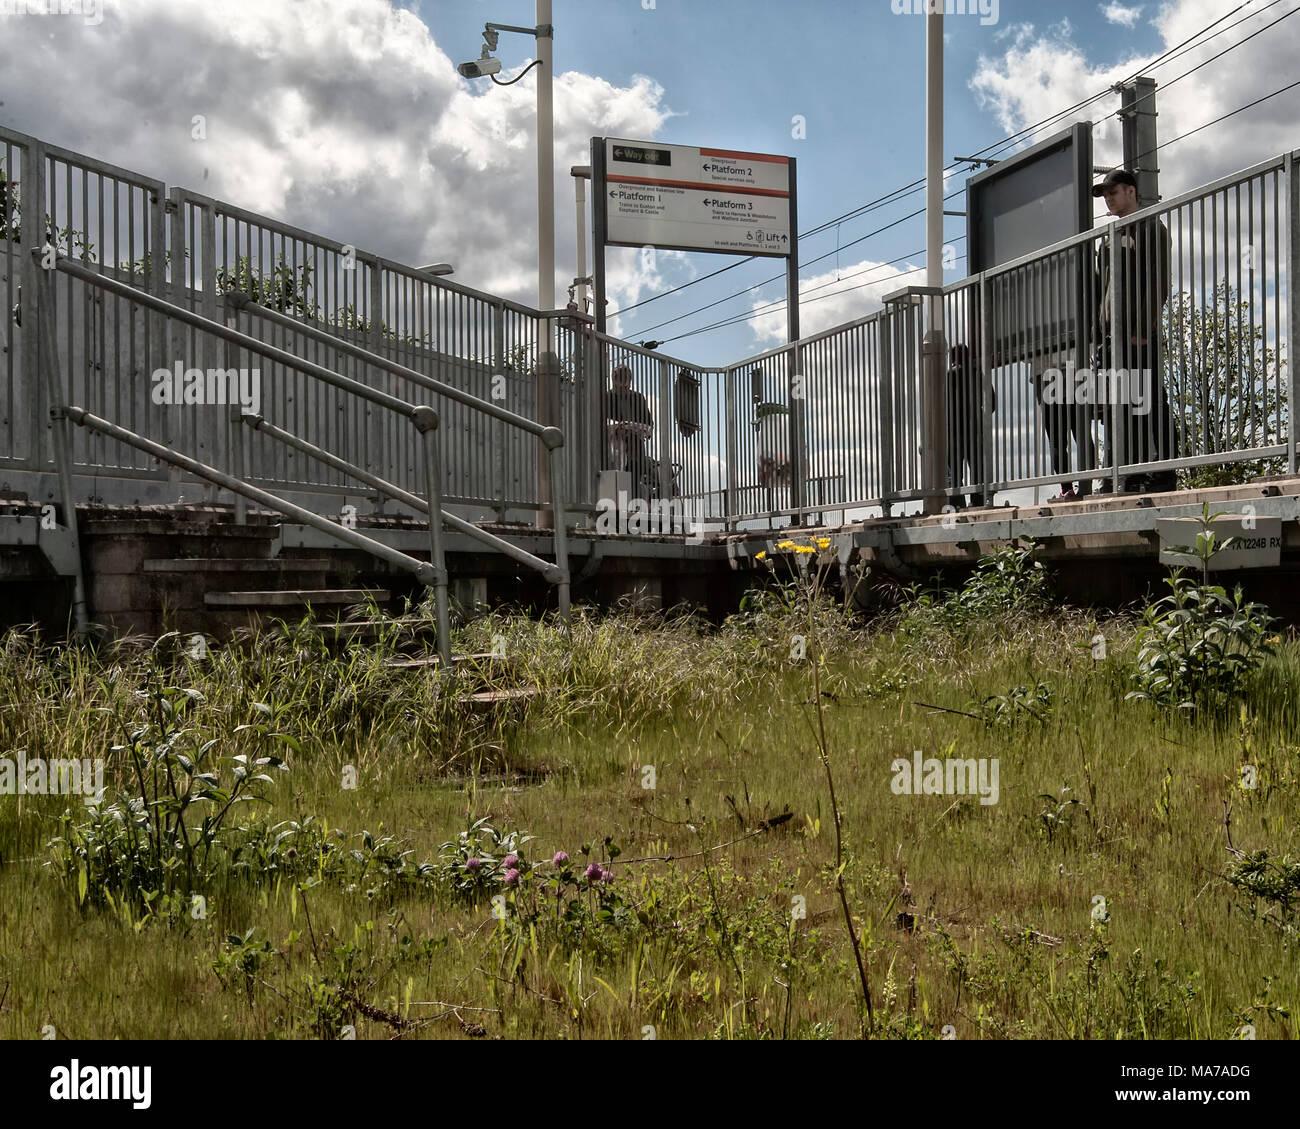 London Underground Tube Station: Willesden Junction - Stock Image